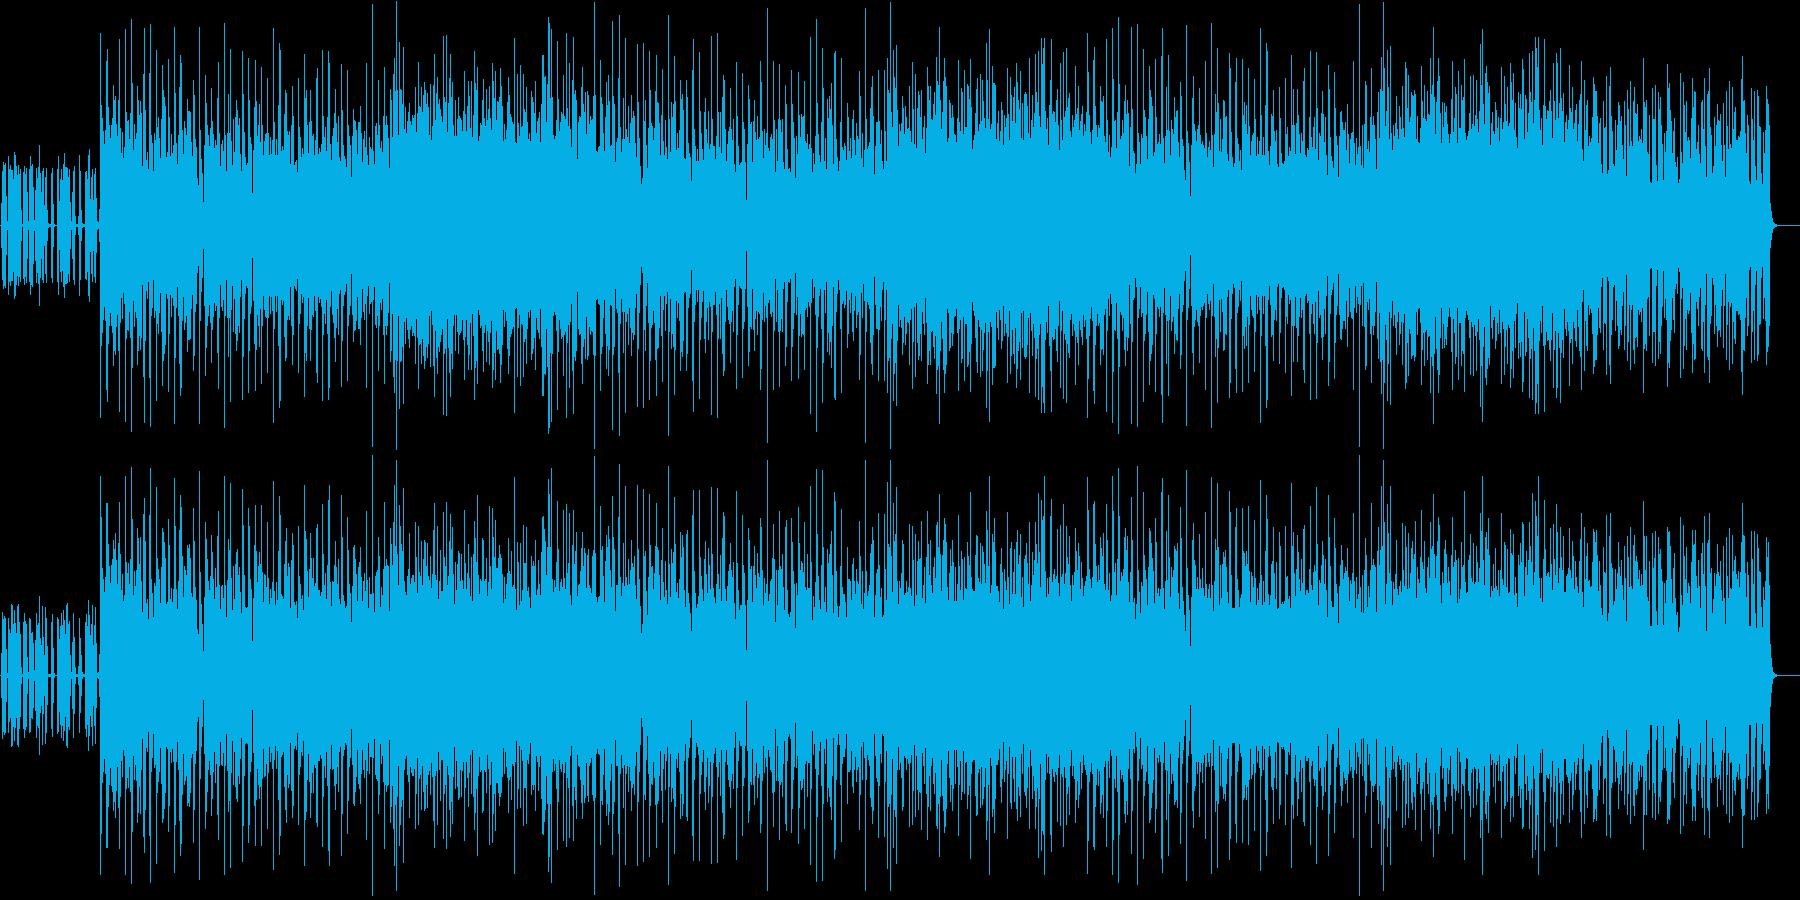 お急ぎロックの再生済みの波形